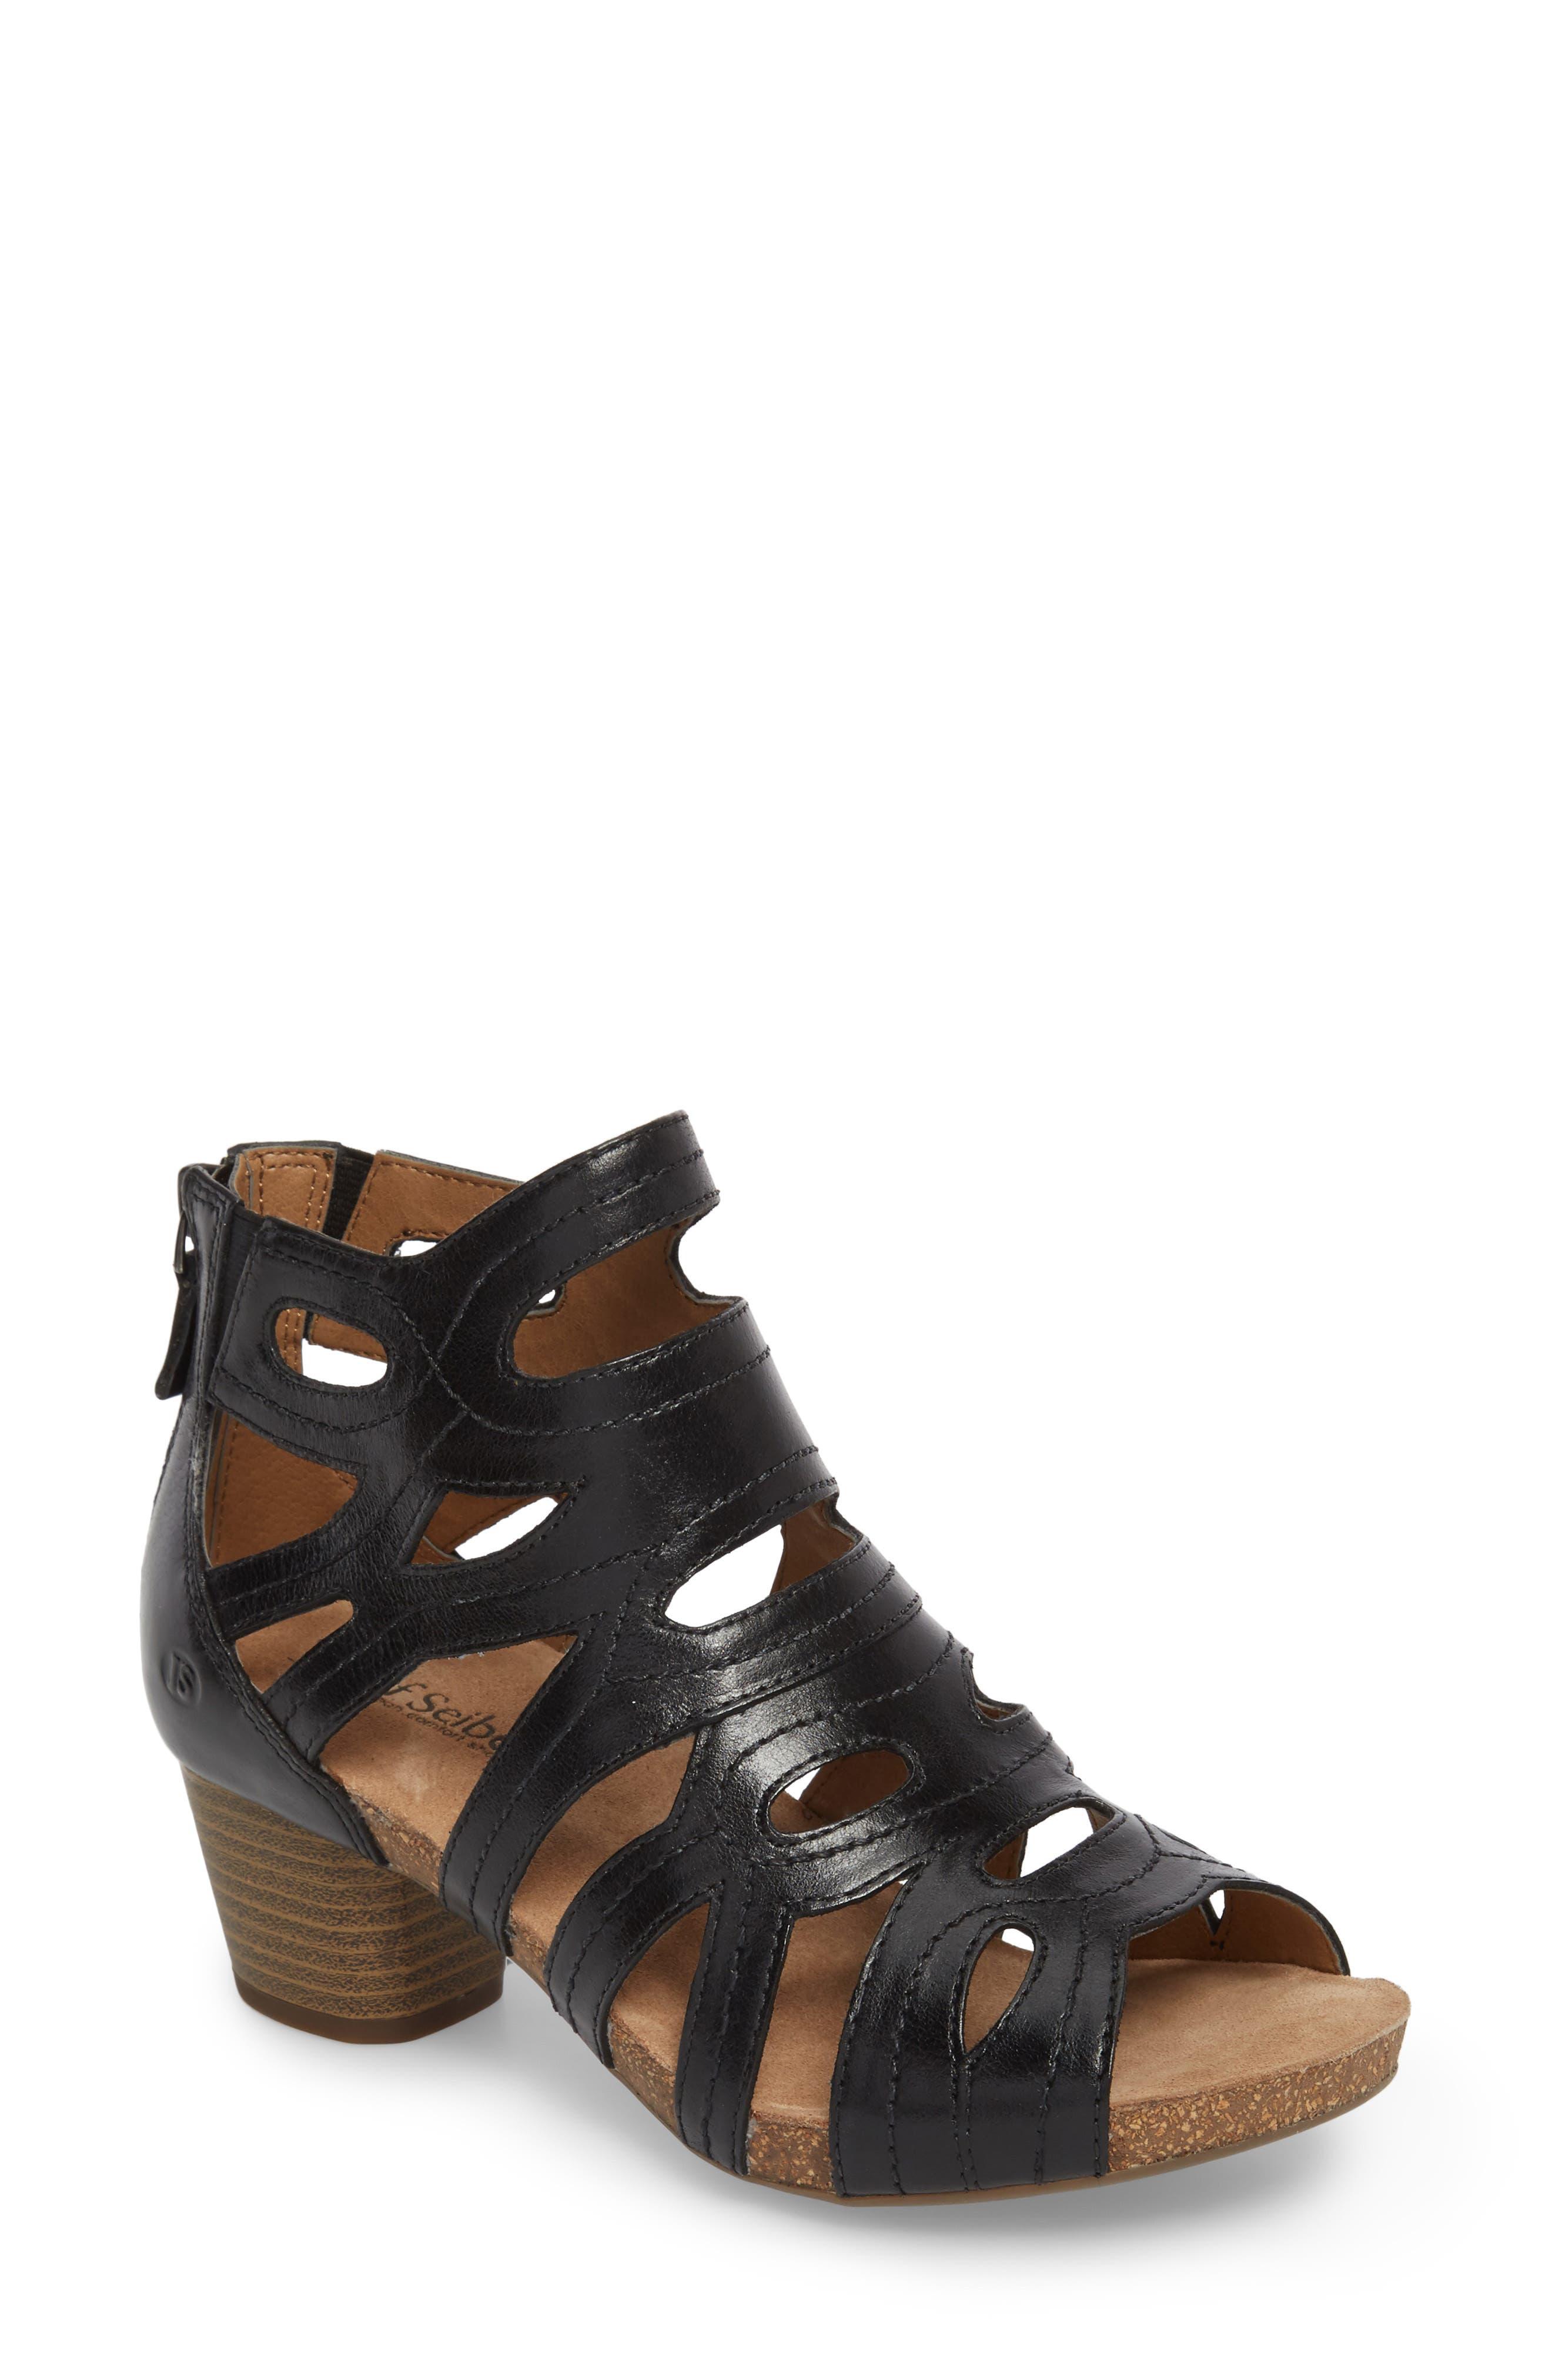 Rose 21 Gladiator Sandal,                         Main,                         color, BLACK LEATHER